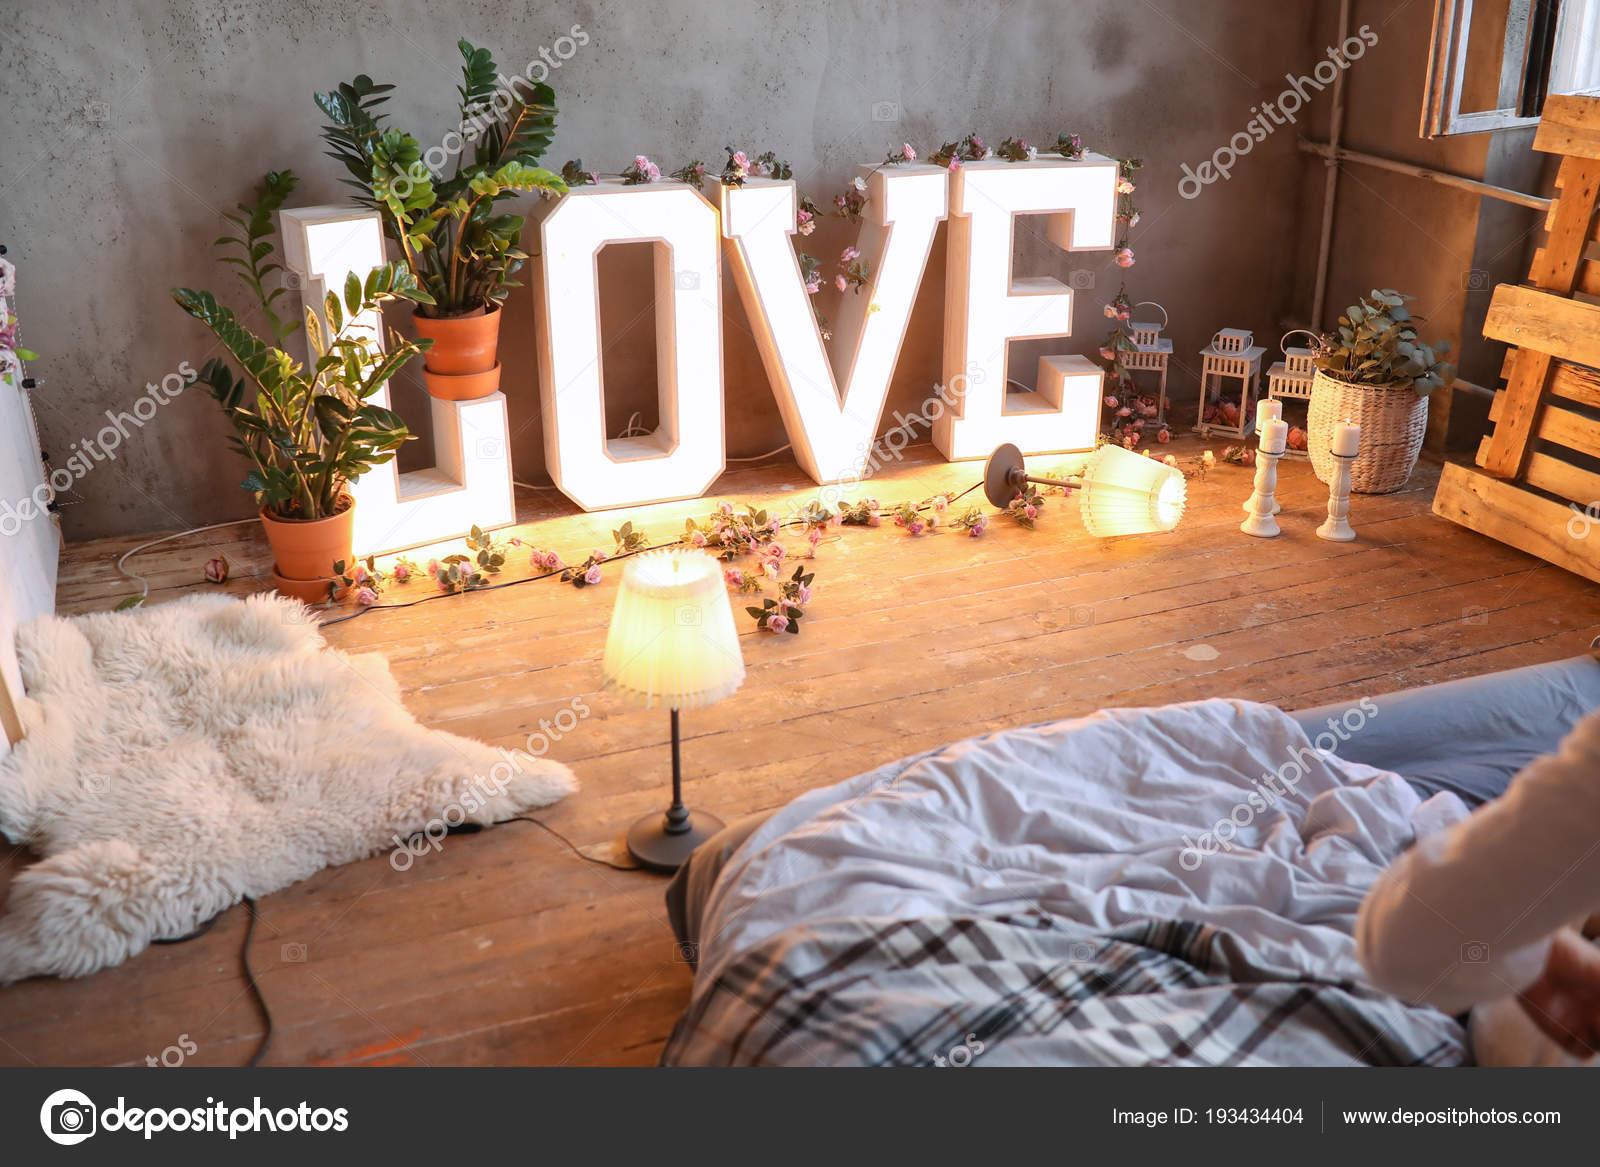 Schon Gemütliche Romantische Schlafzimmer Innenraum Mit Love Schriftzug Dekor U2014  Stockfoto